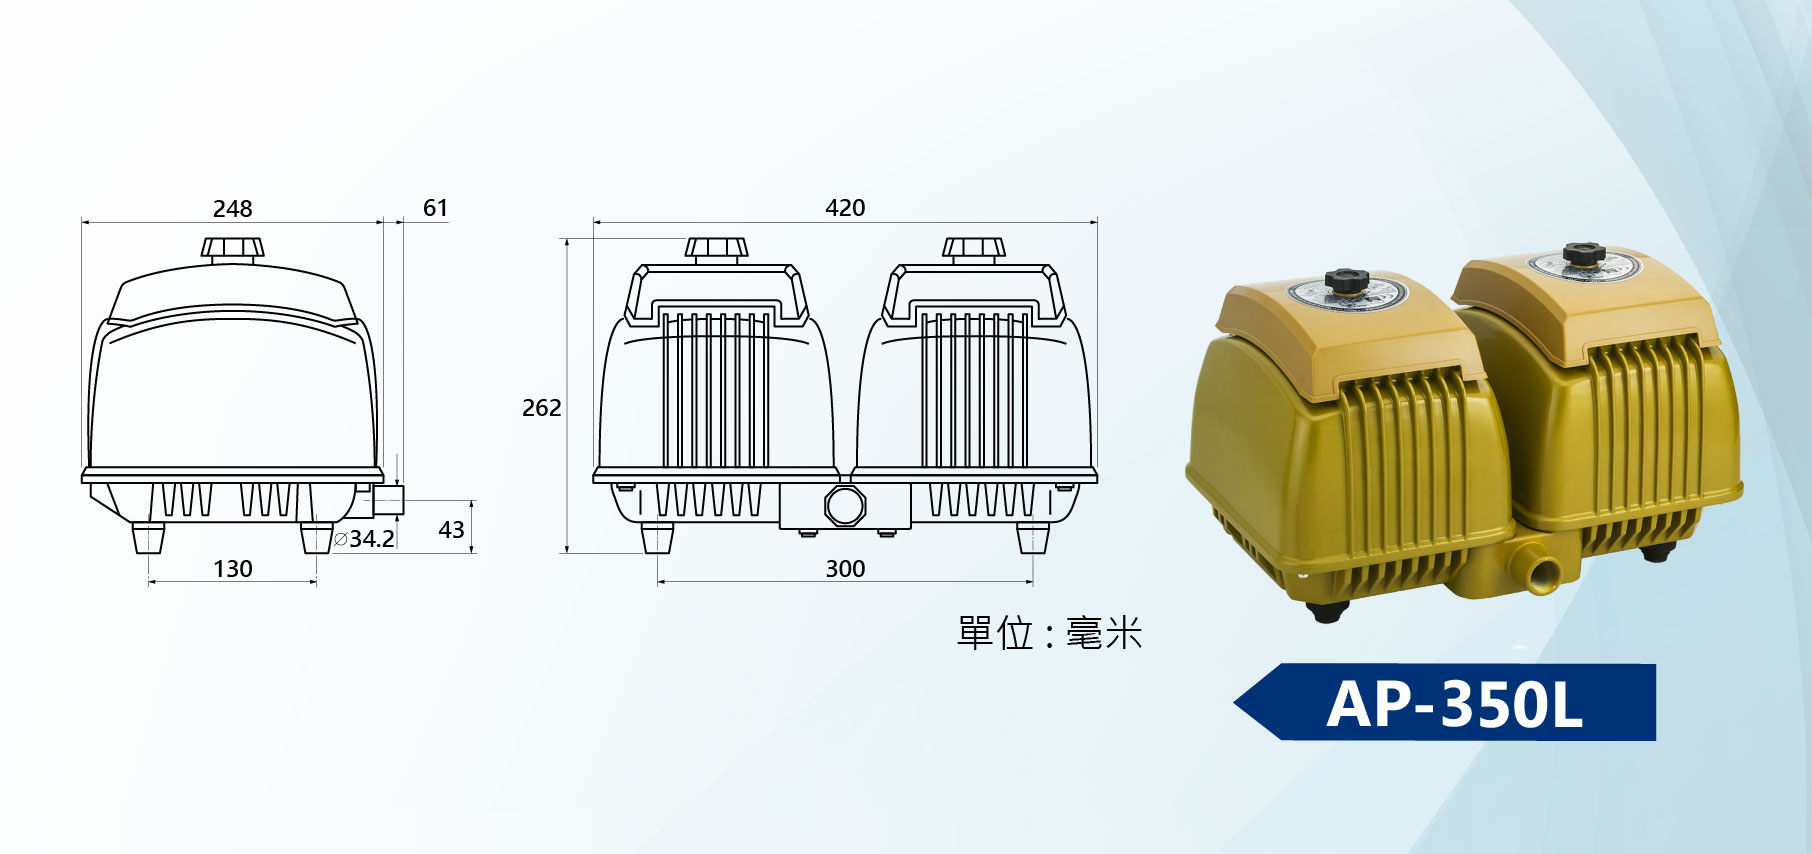 AP-350L Linear Air Pump Dimension